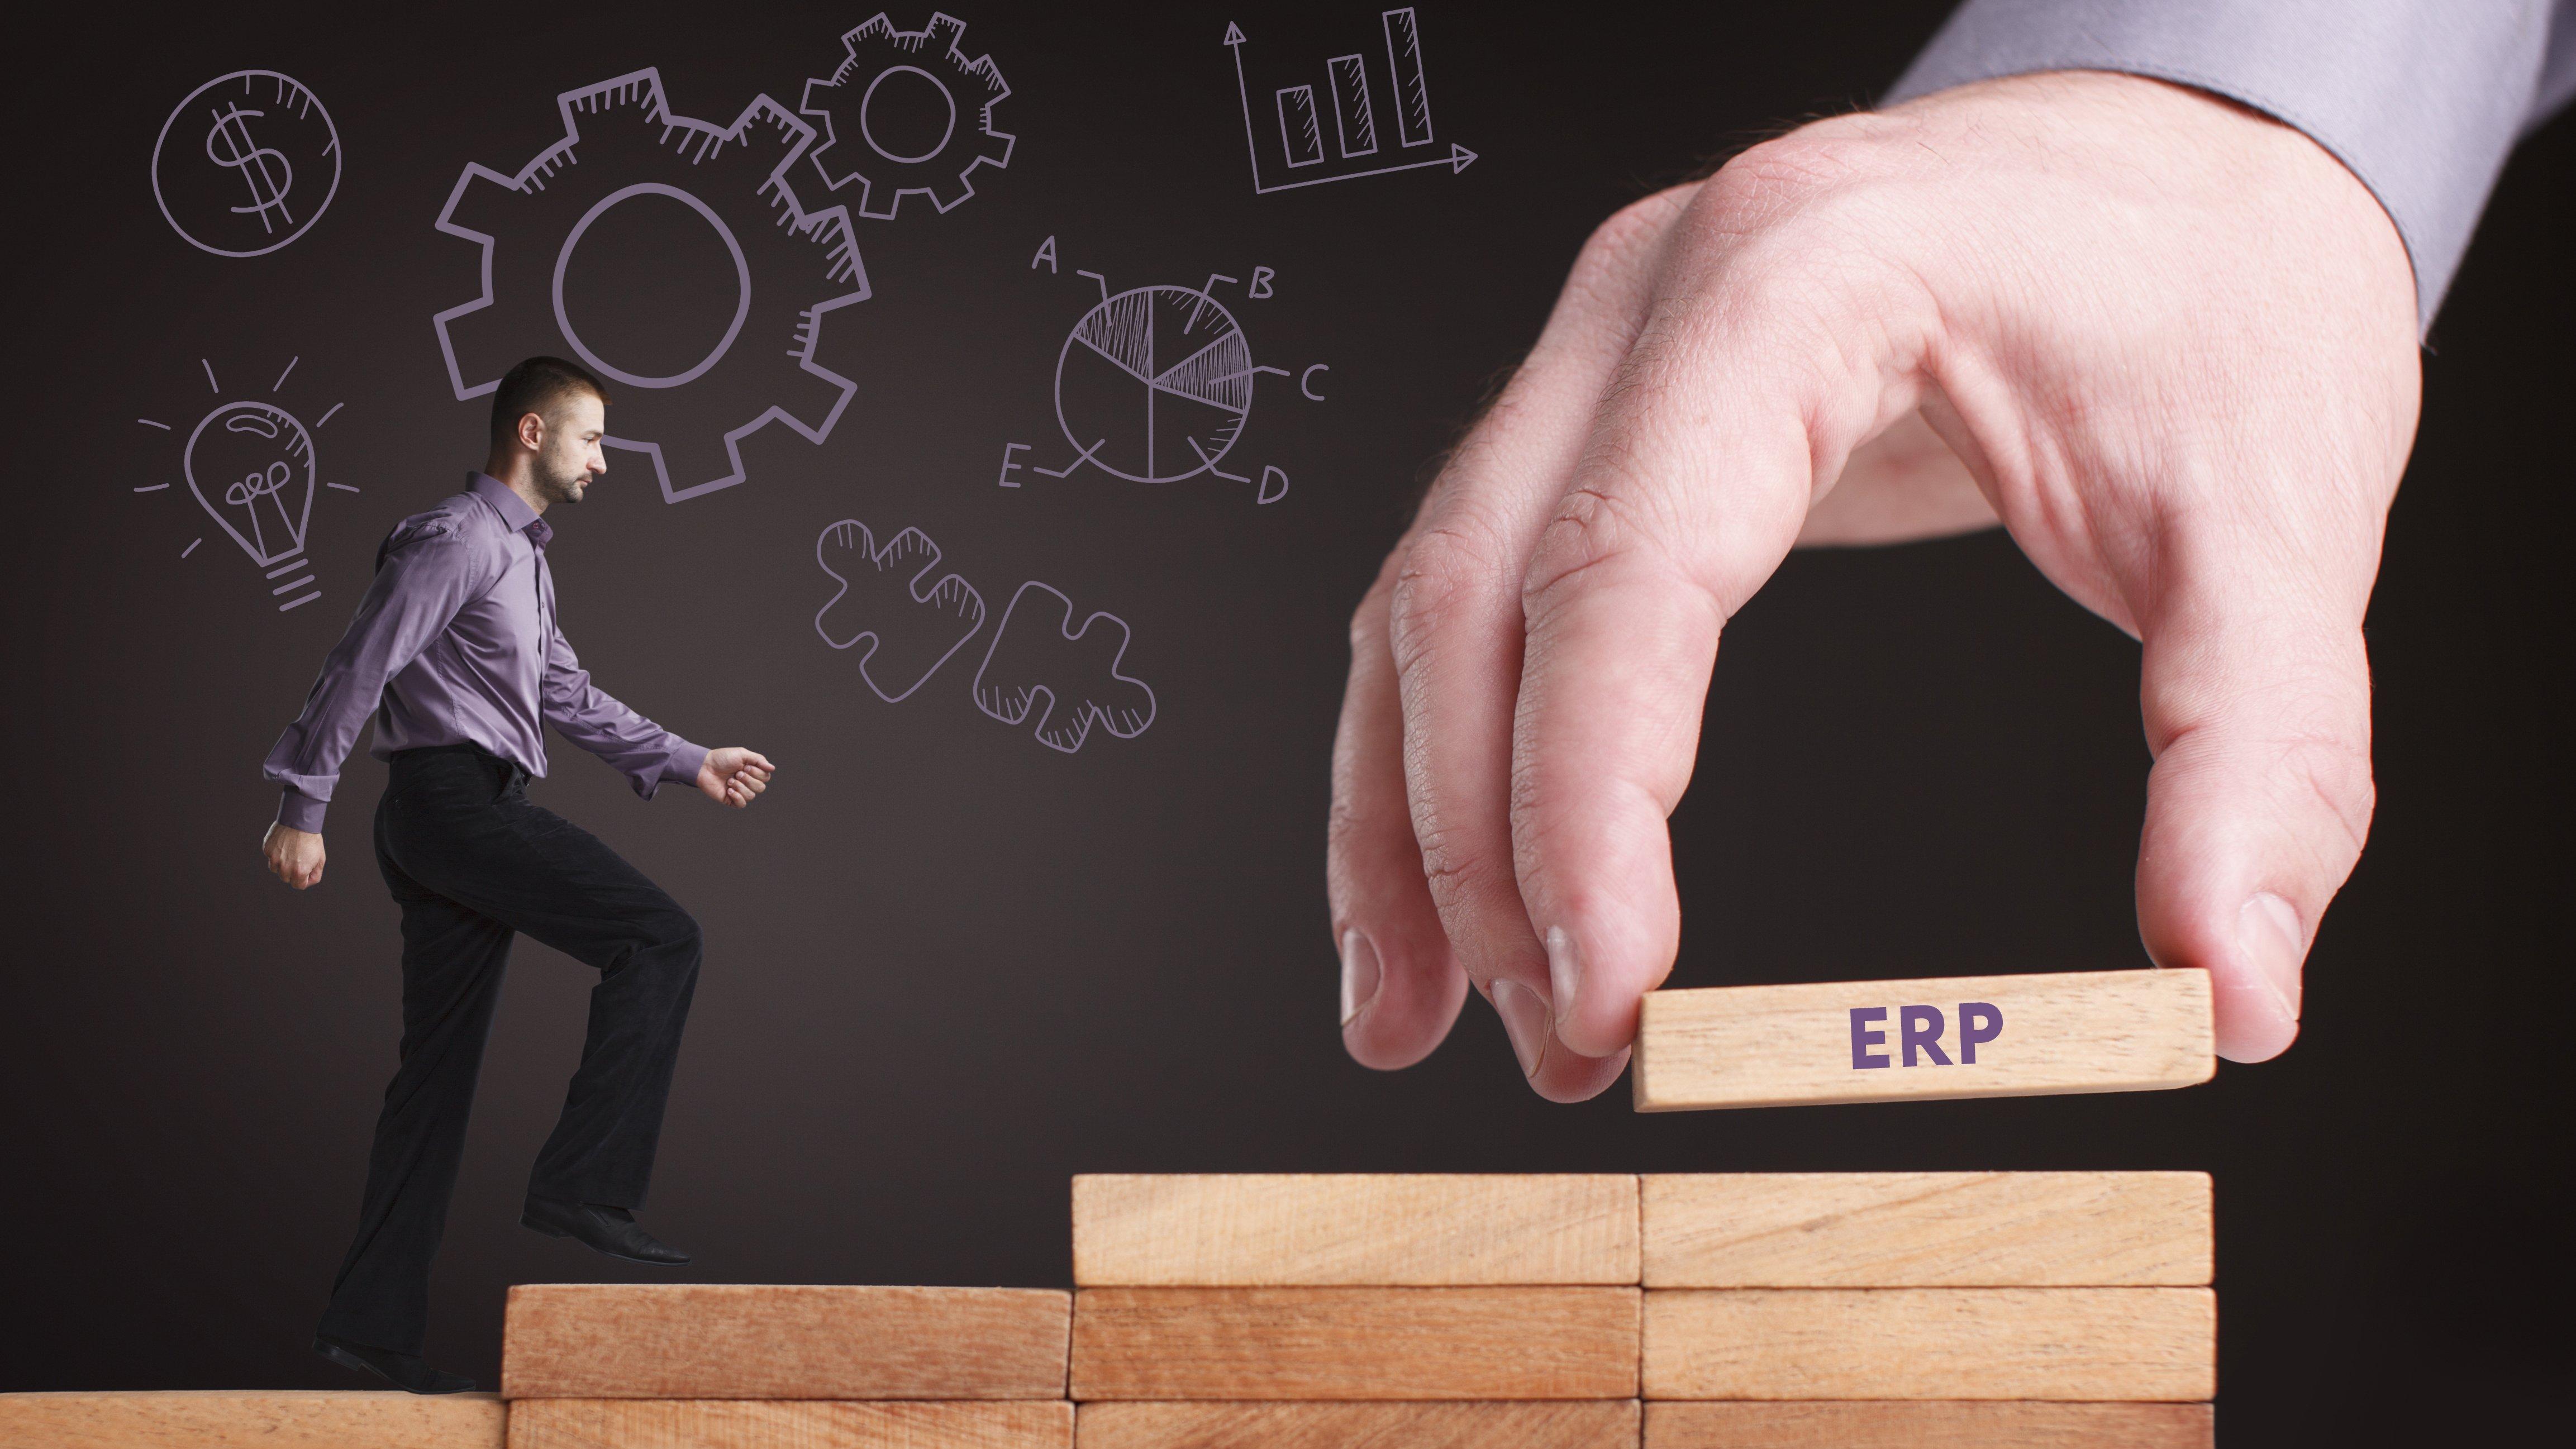 Settore ortofrutticolo come un ERP contribuisce ad aumentare fatturato e marginalità